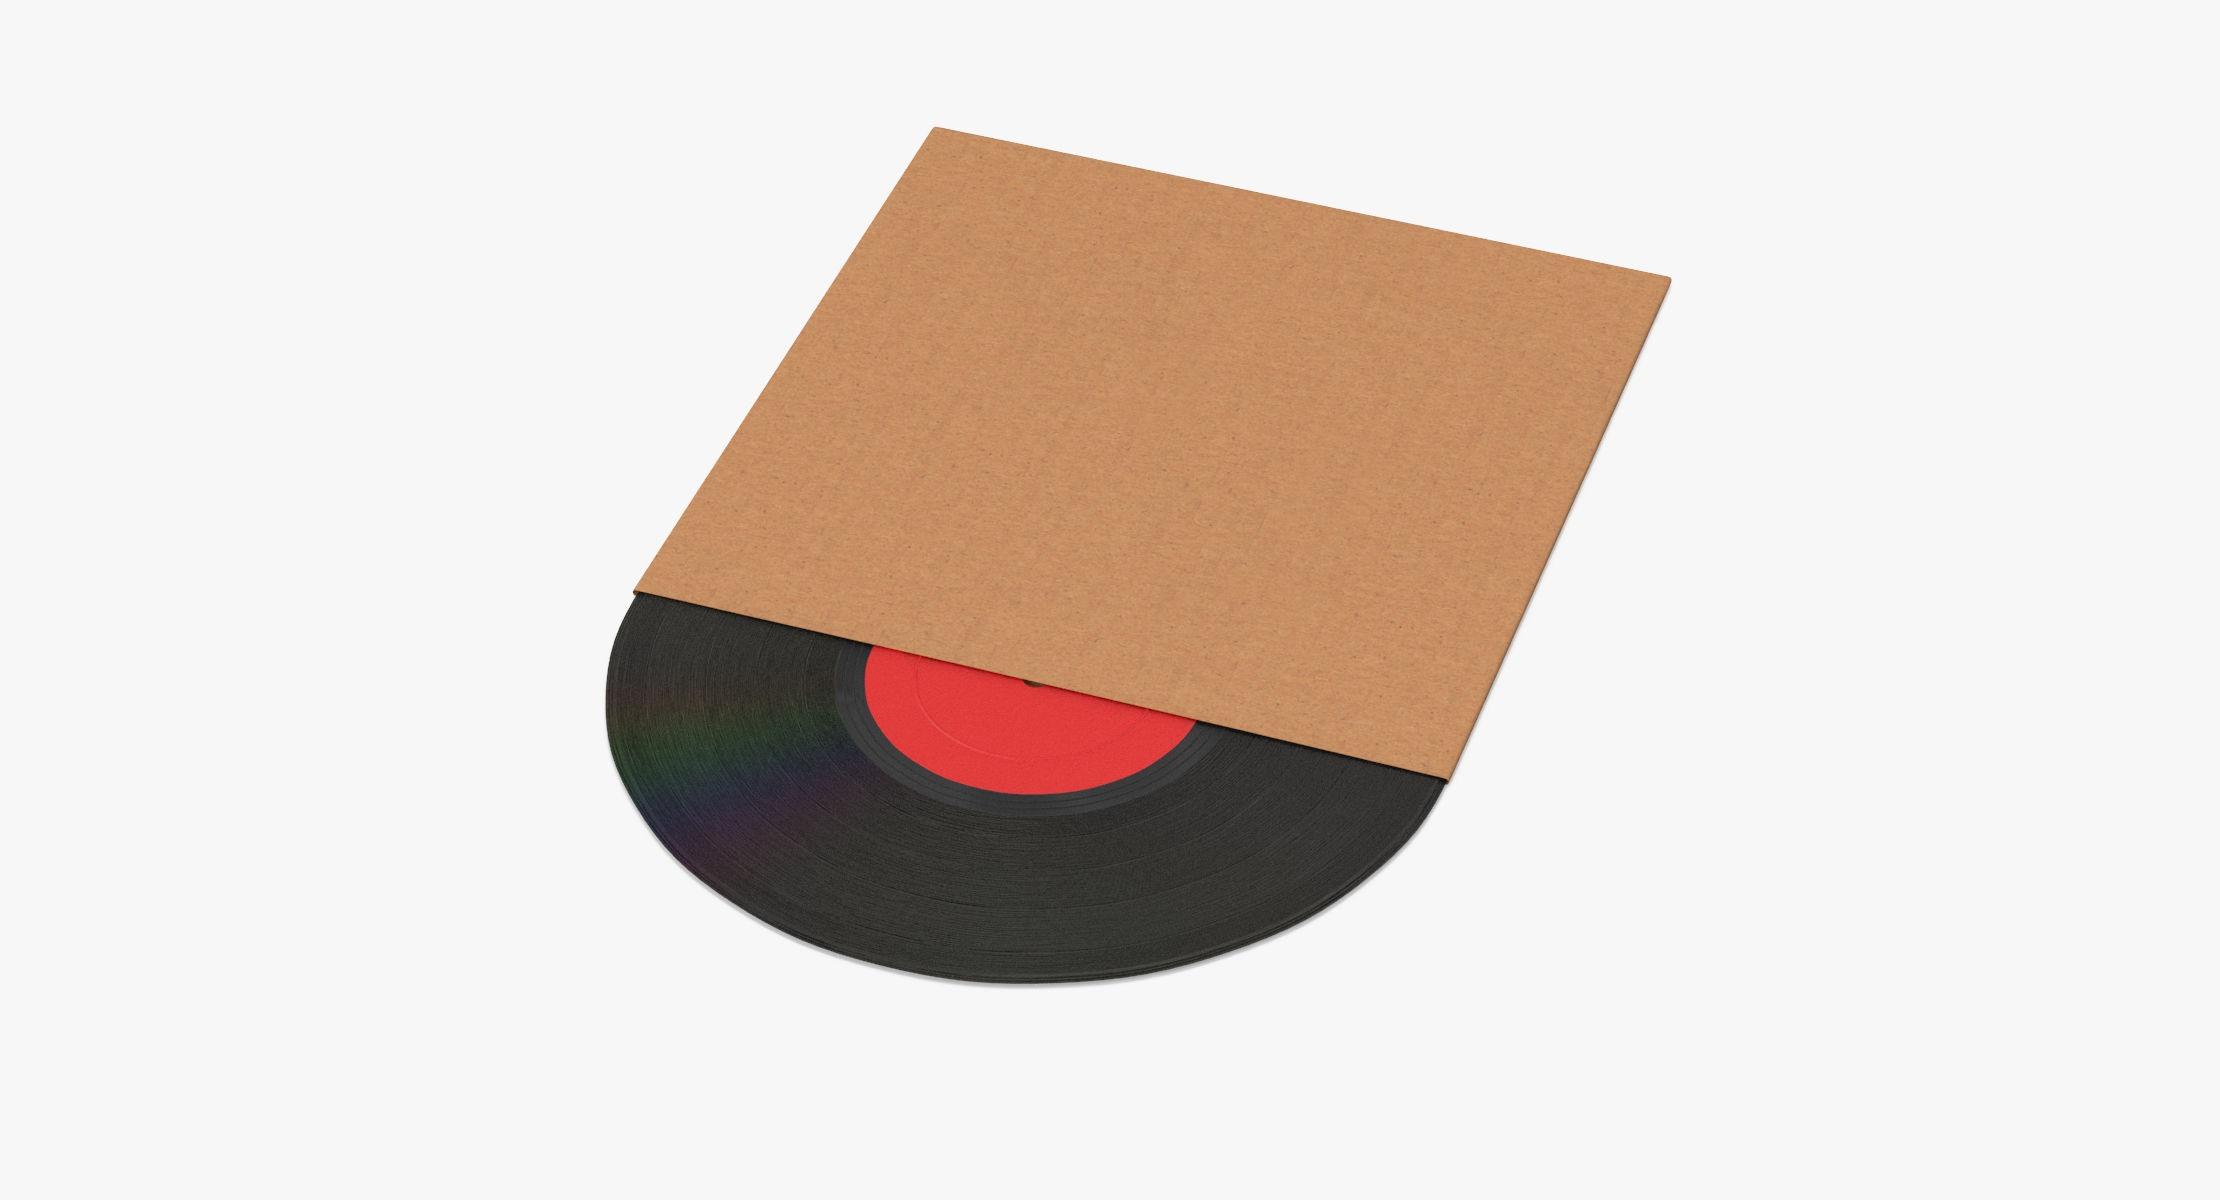 Vinyl LP 01 Cardboard Sleeve - reel 1